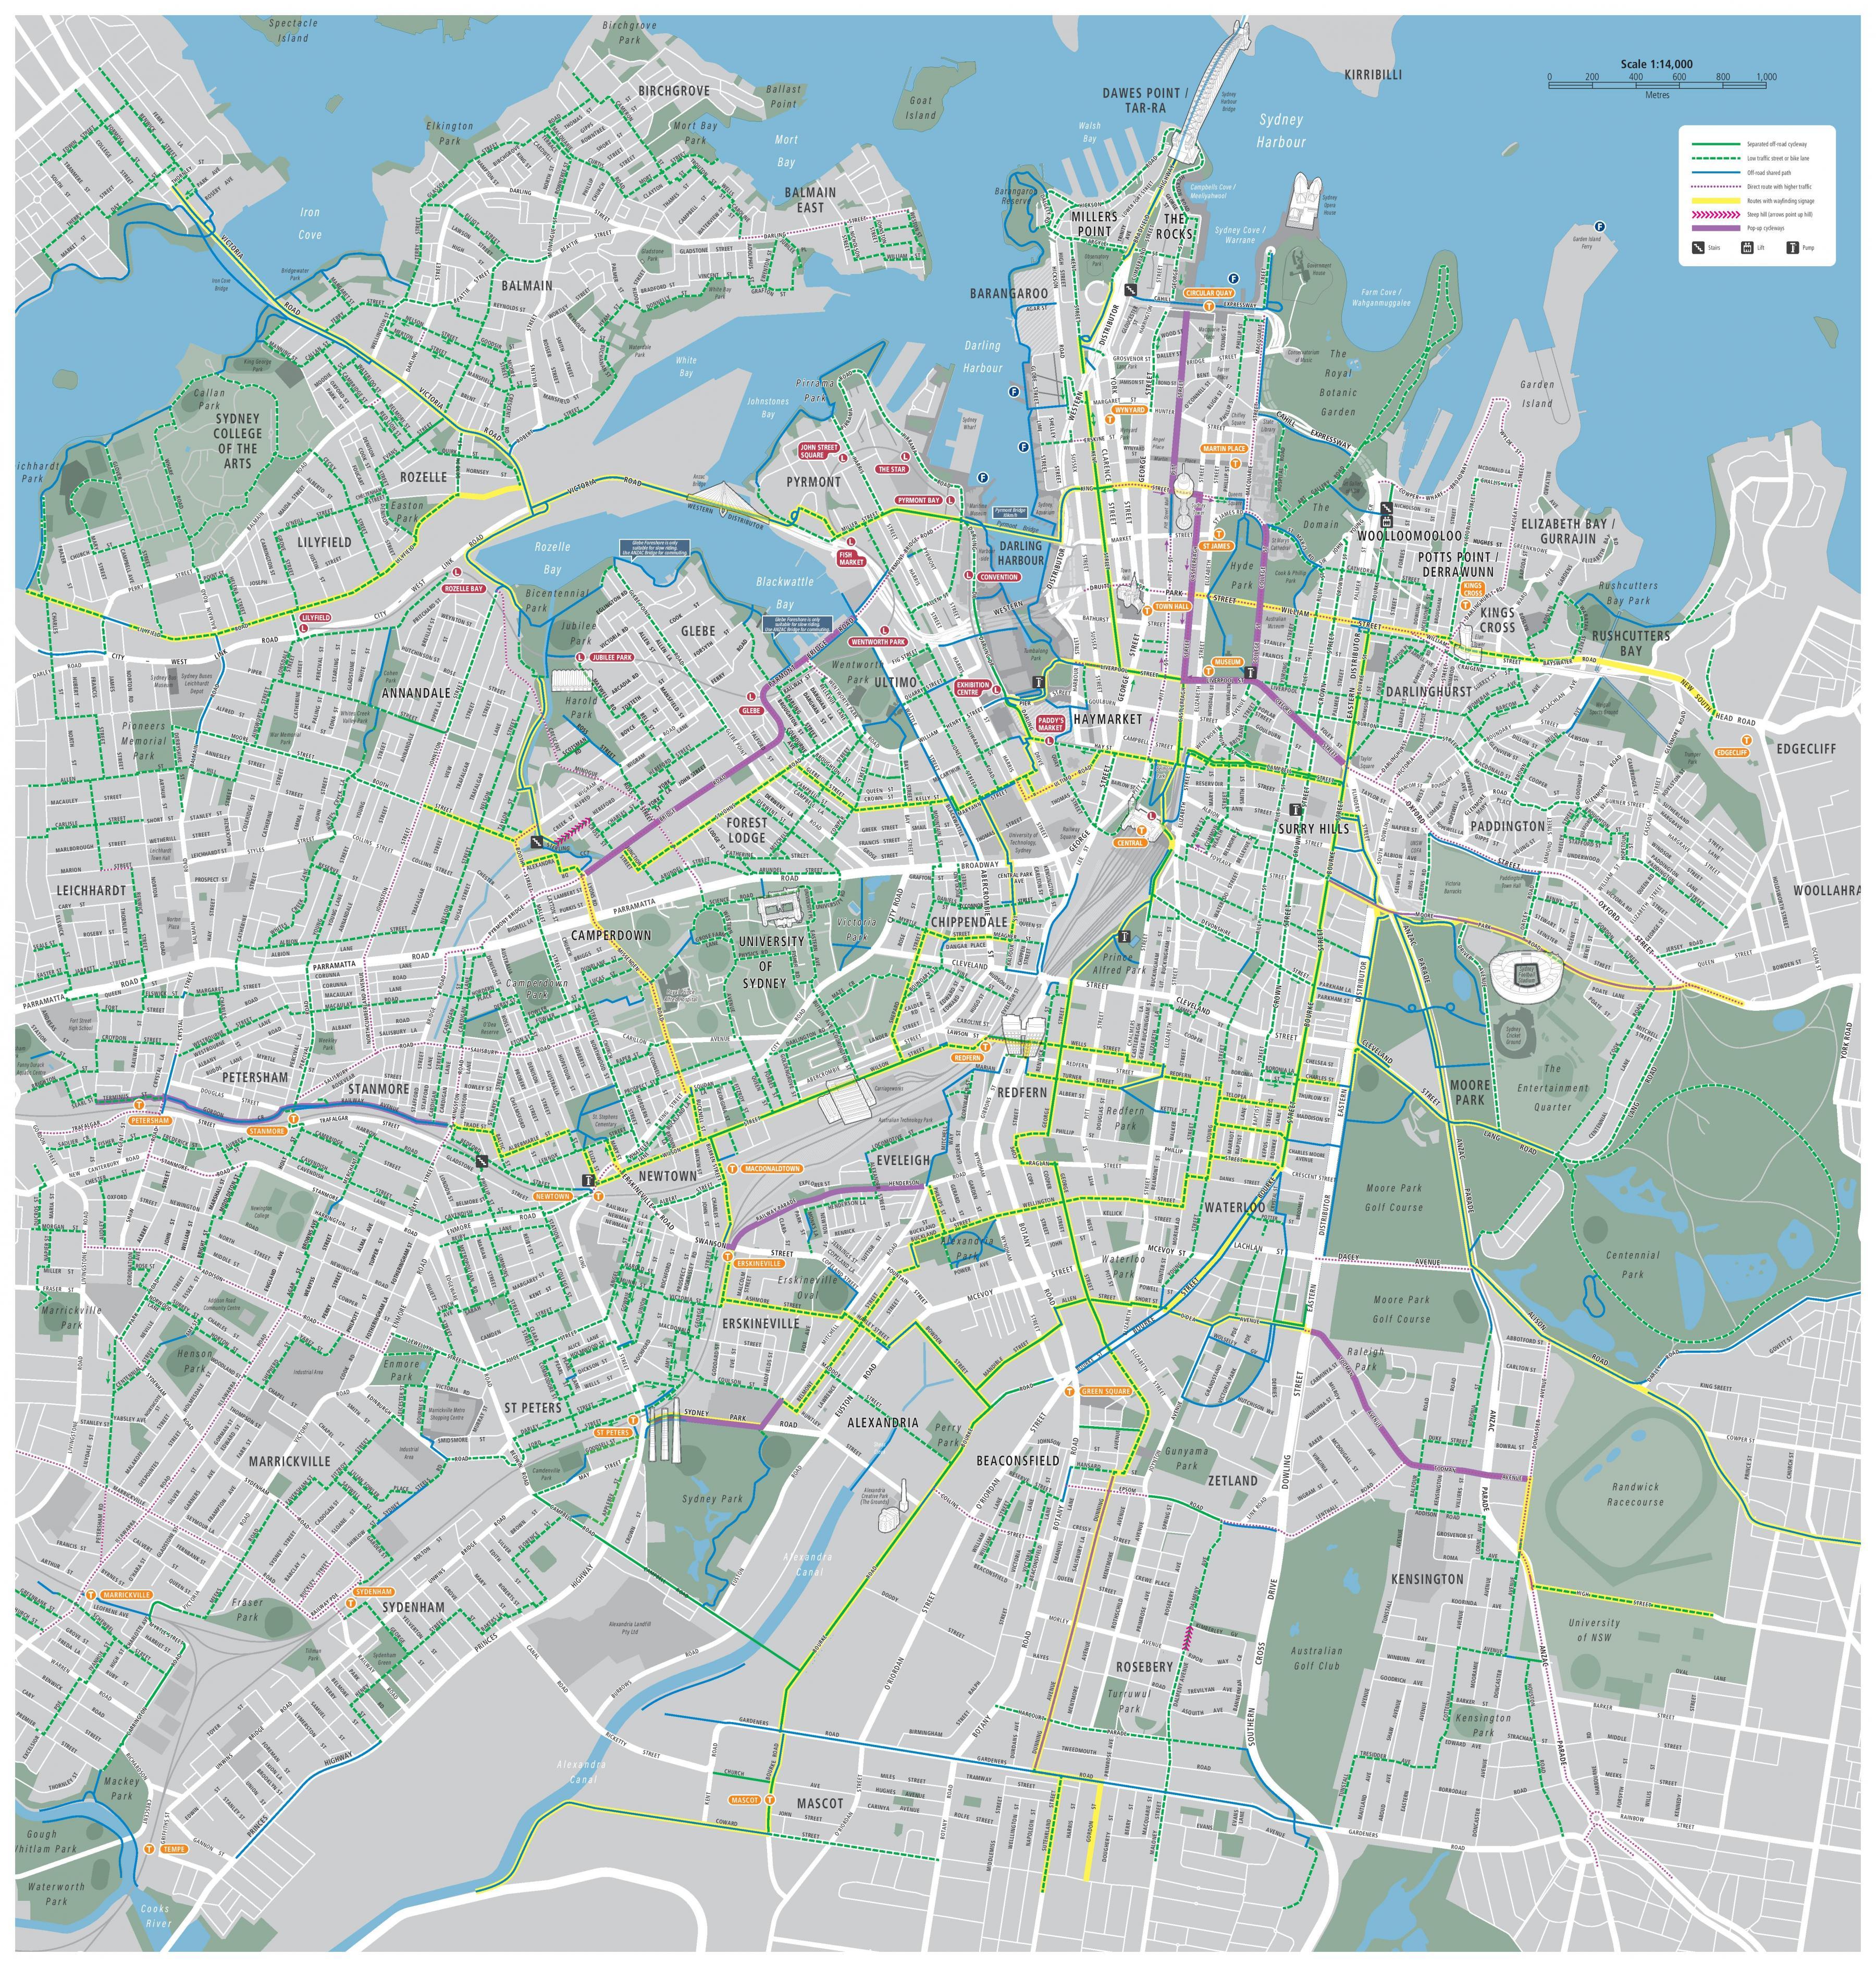 sydney térkép Sydney ciklus térkép   Kerékpáros térkép sydney (Ausztrália)